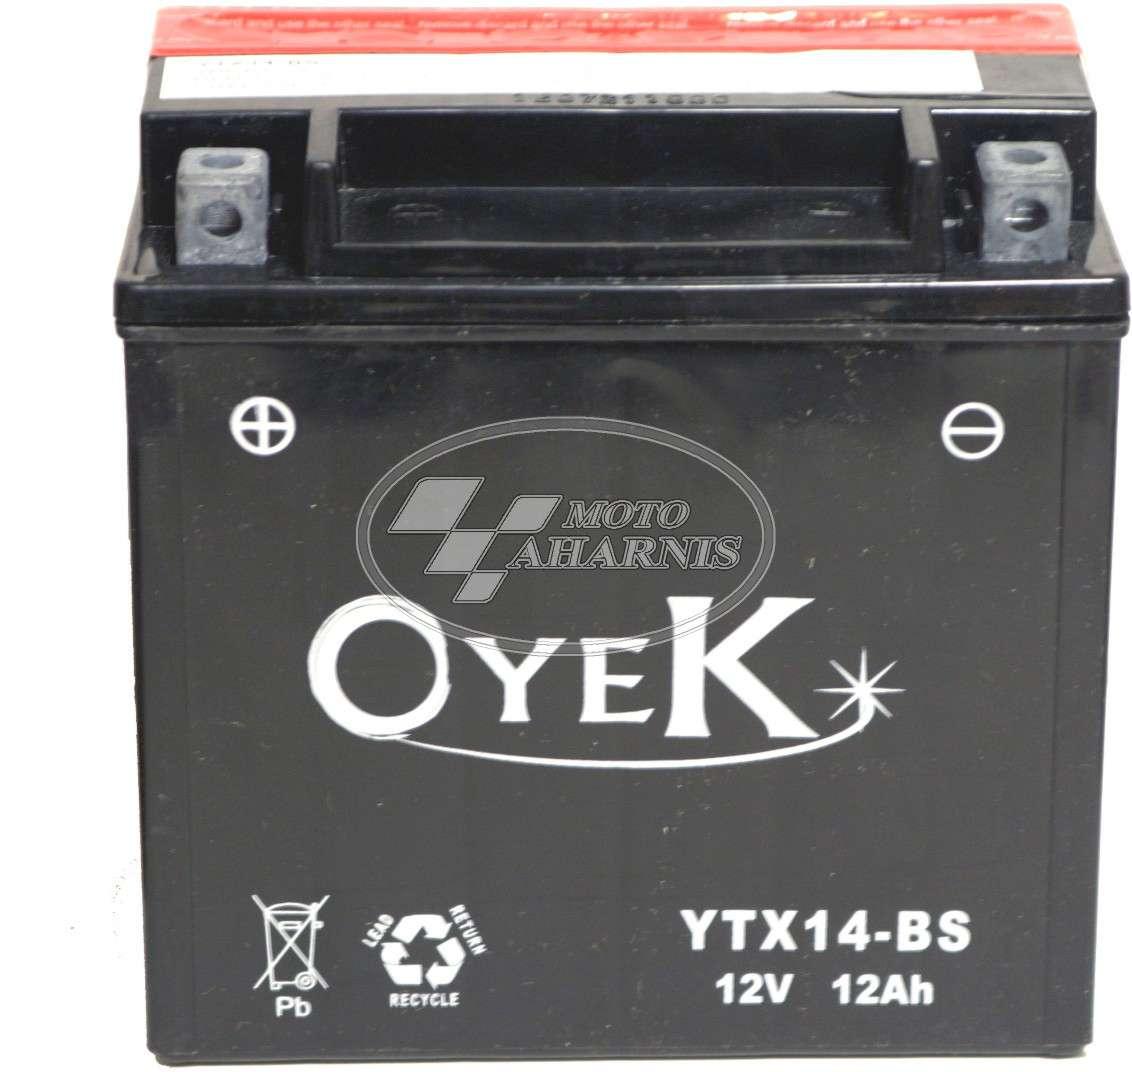 ΜΠΑΤΑΡΙΑ OYEK YTX14-BS